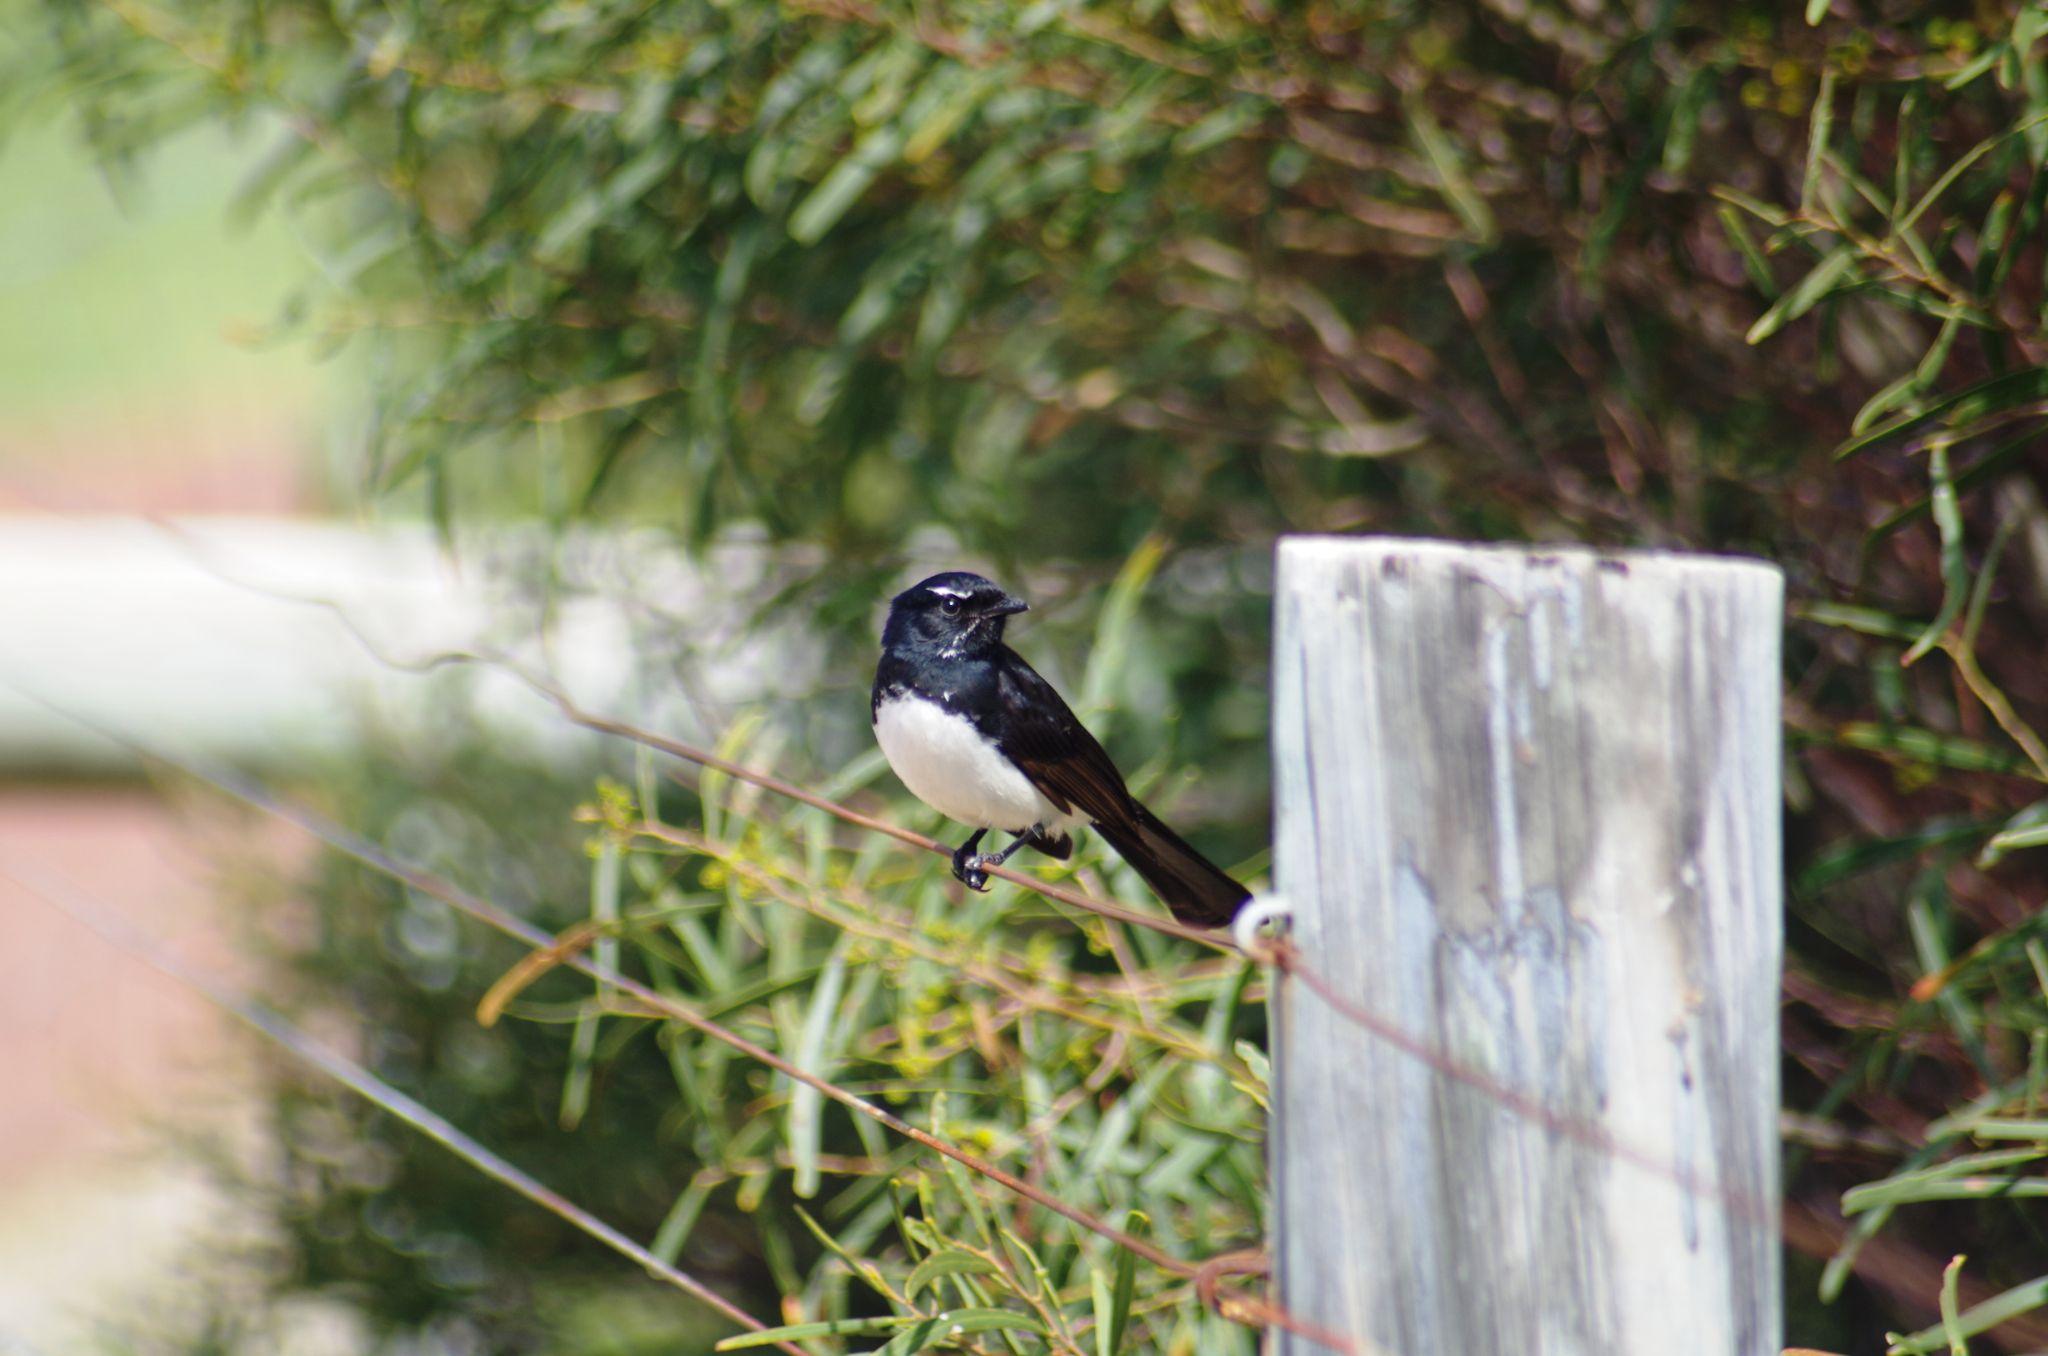 Bird on a wire by cinzia.sawatzky